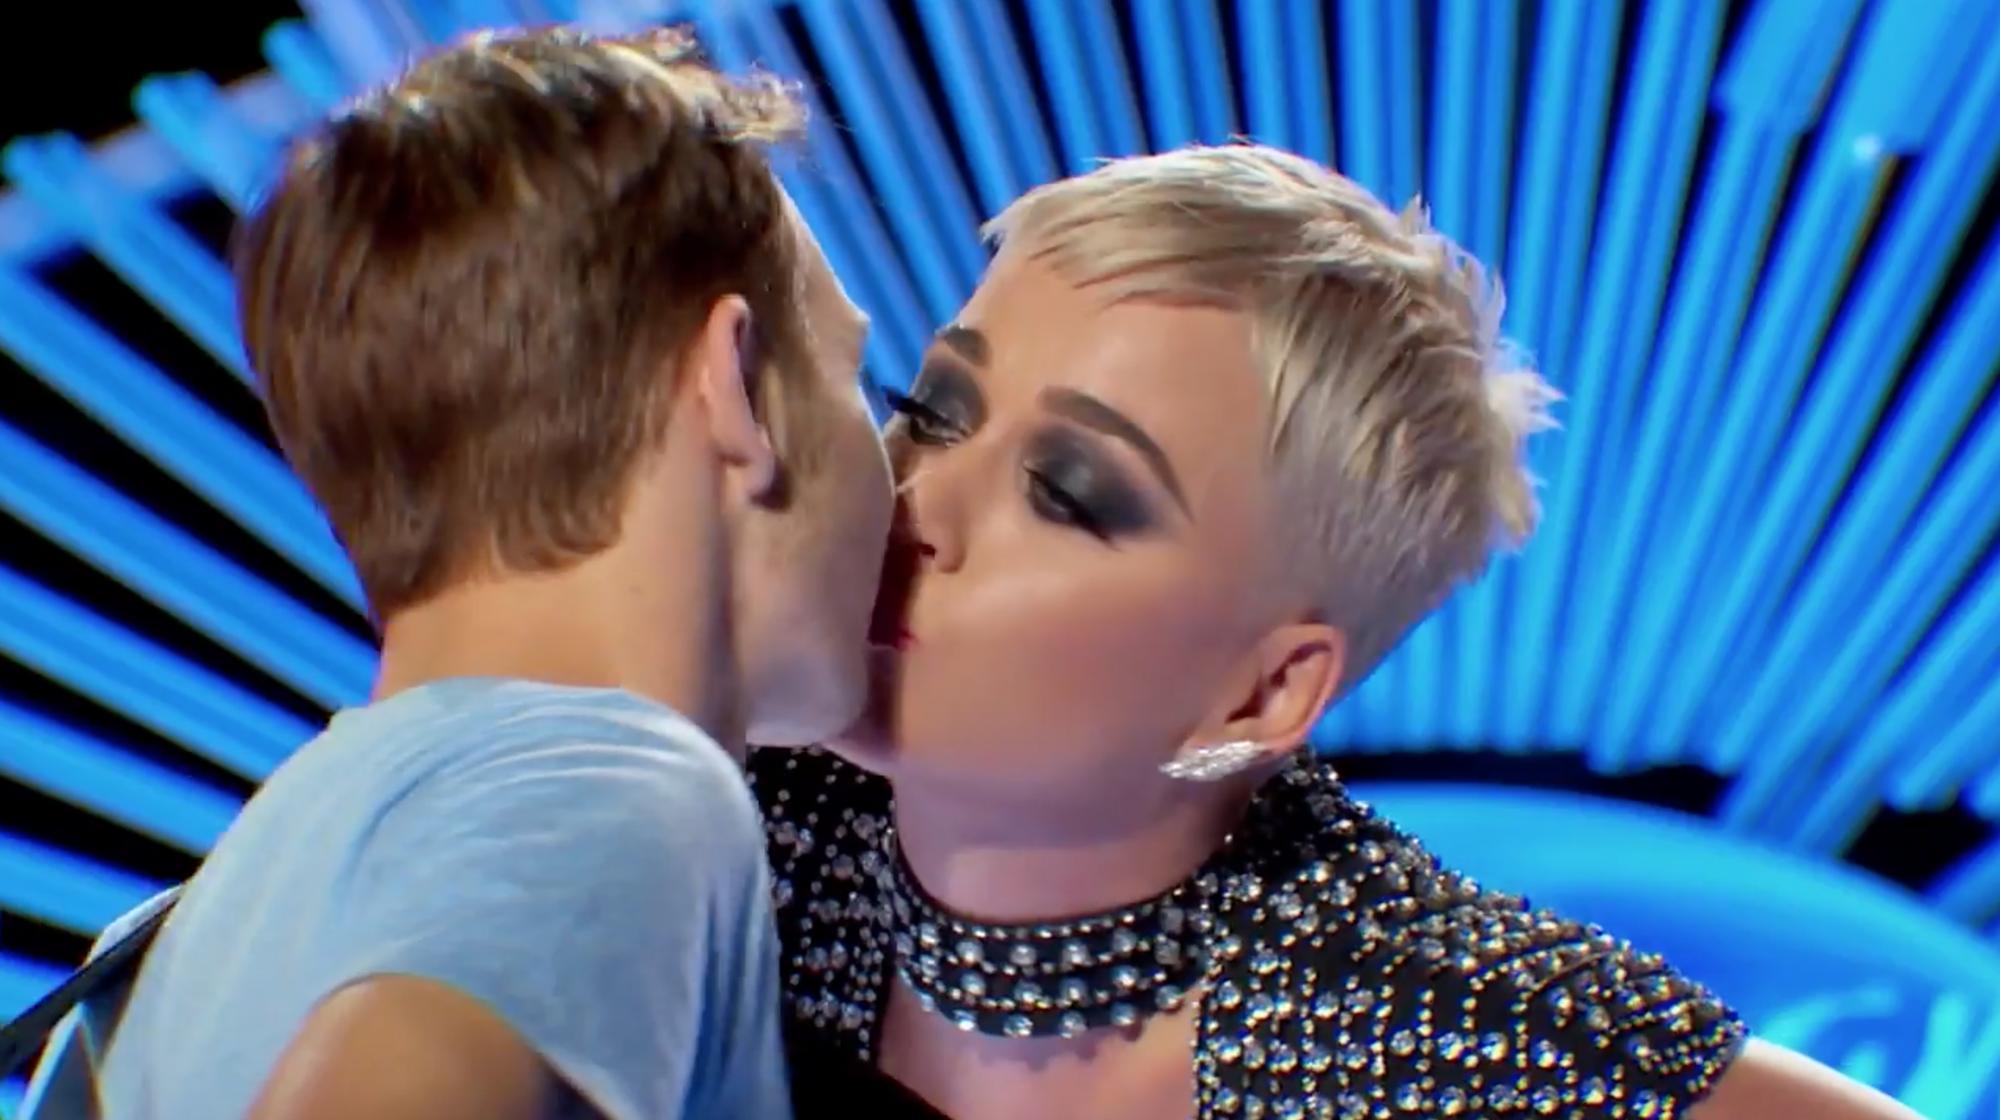 Katy Perry lừa hôn chàng trai 20 tuổi trong tập mở màn American Idol 16 - Ảnh 2.